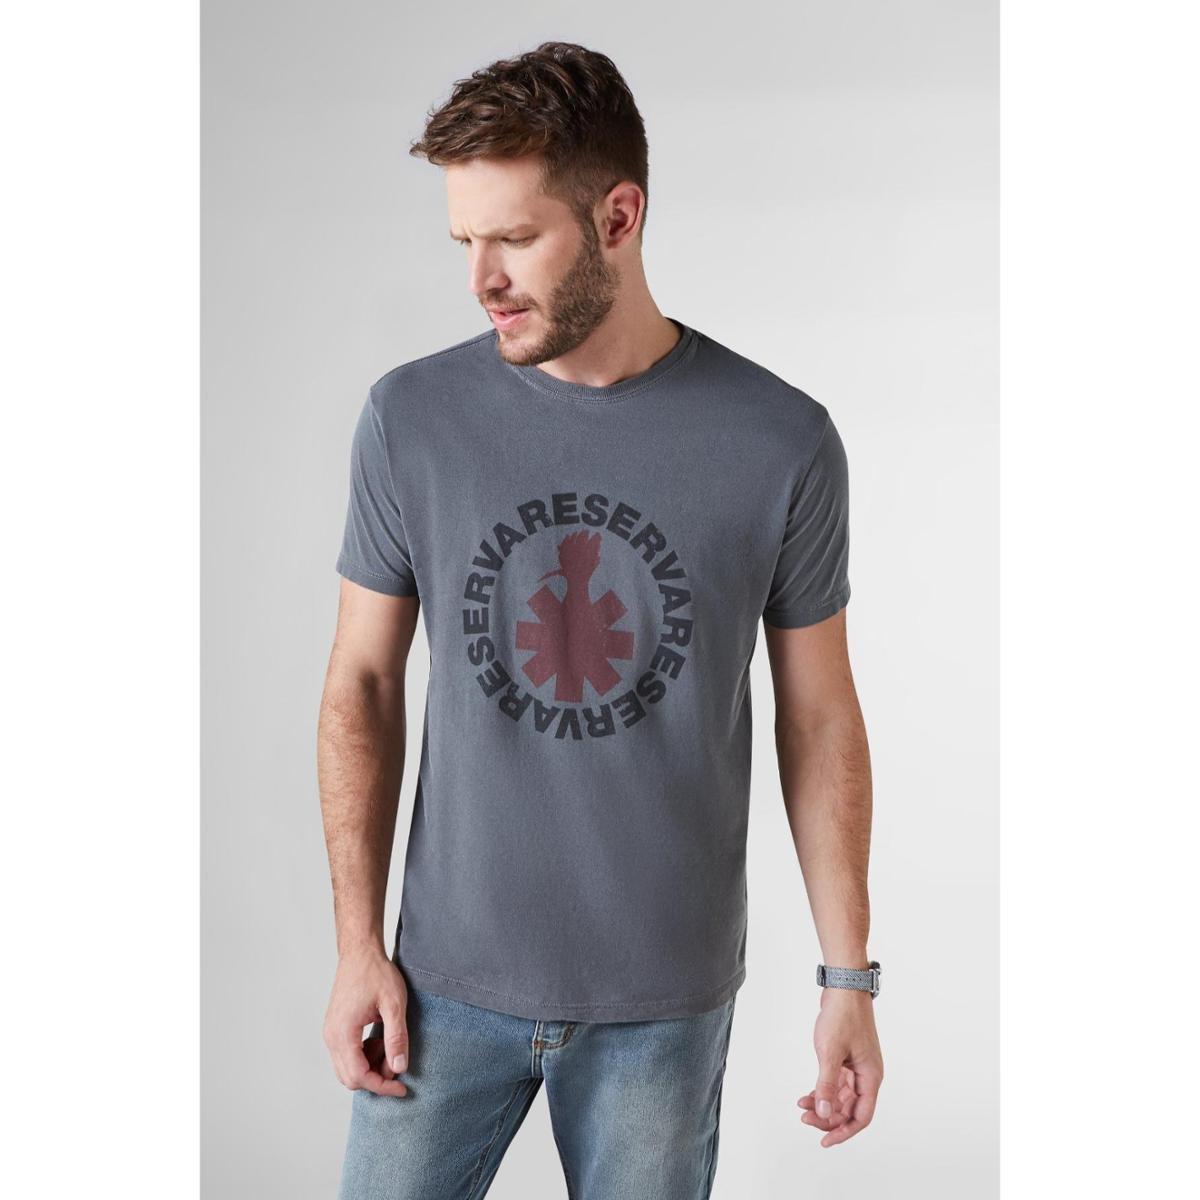 784e33abcb Camiseta Pica-Pau Asterisco Reserva Masculina - Preto